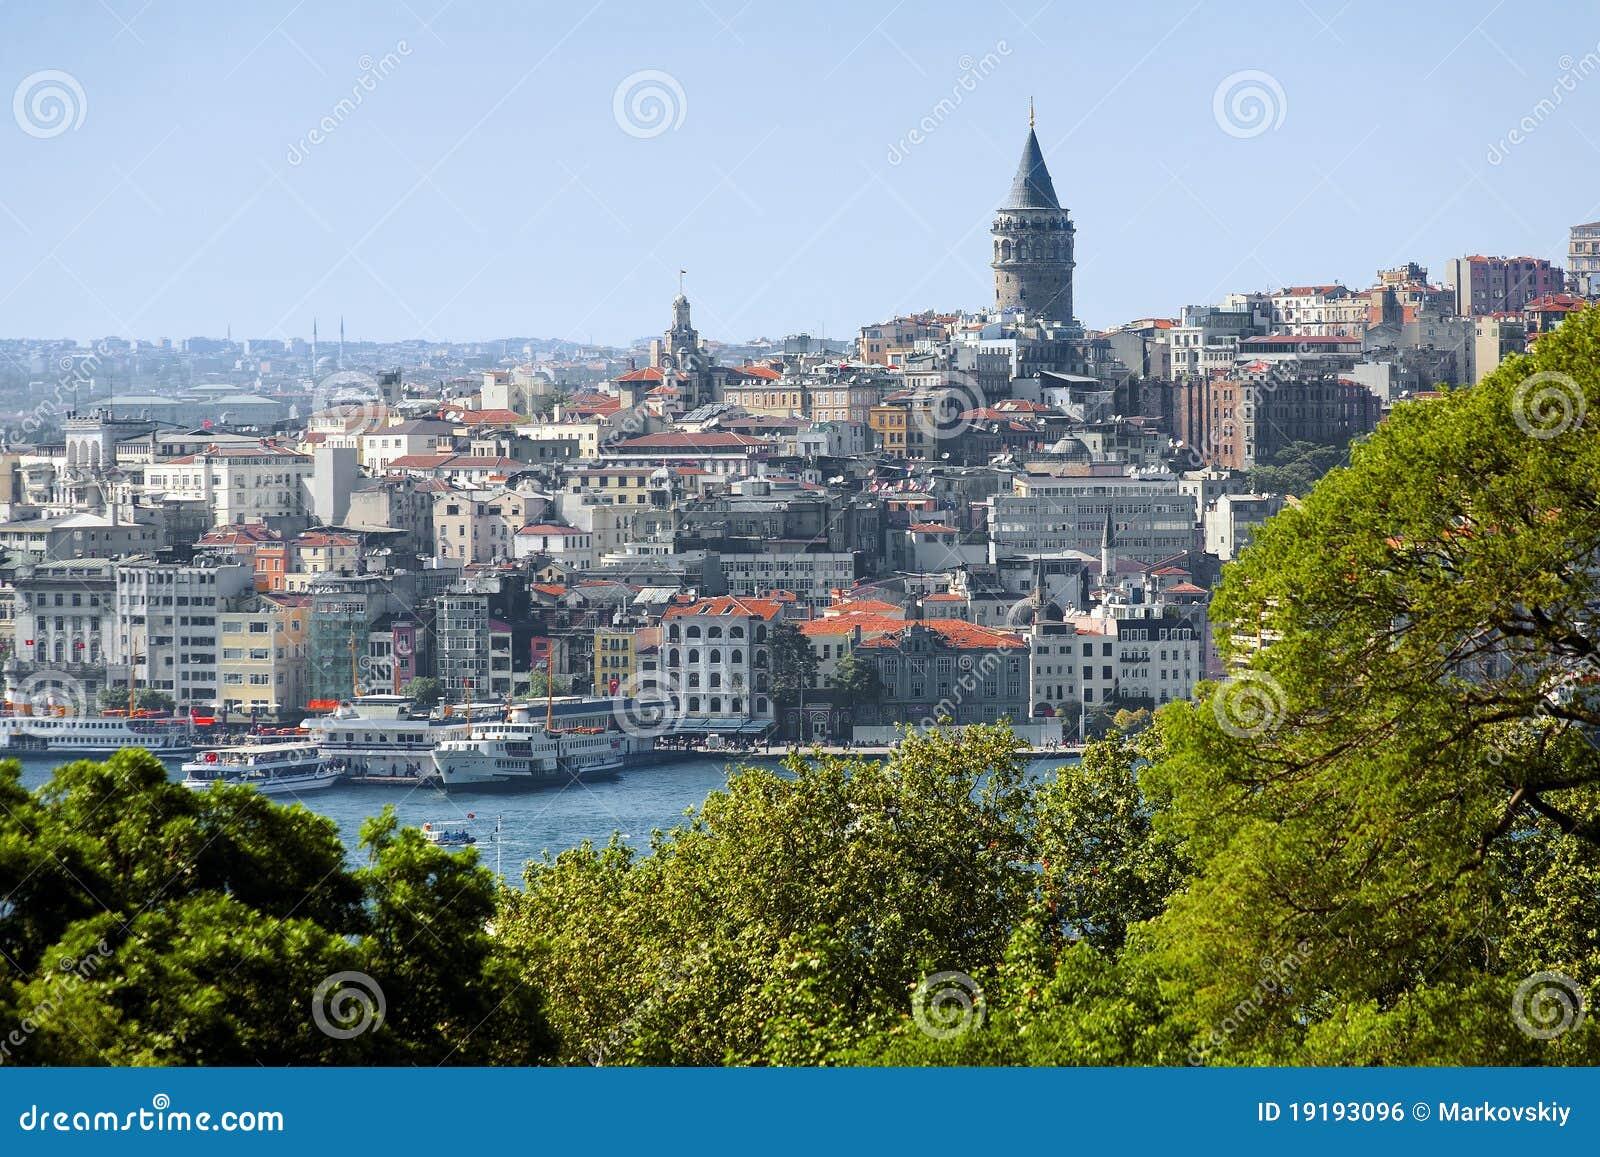 Galata Tower and district Beyoglu in Istanbul